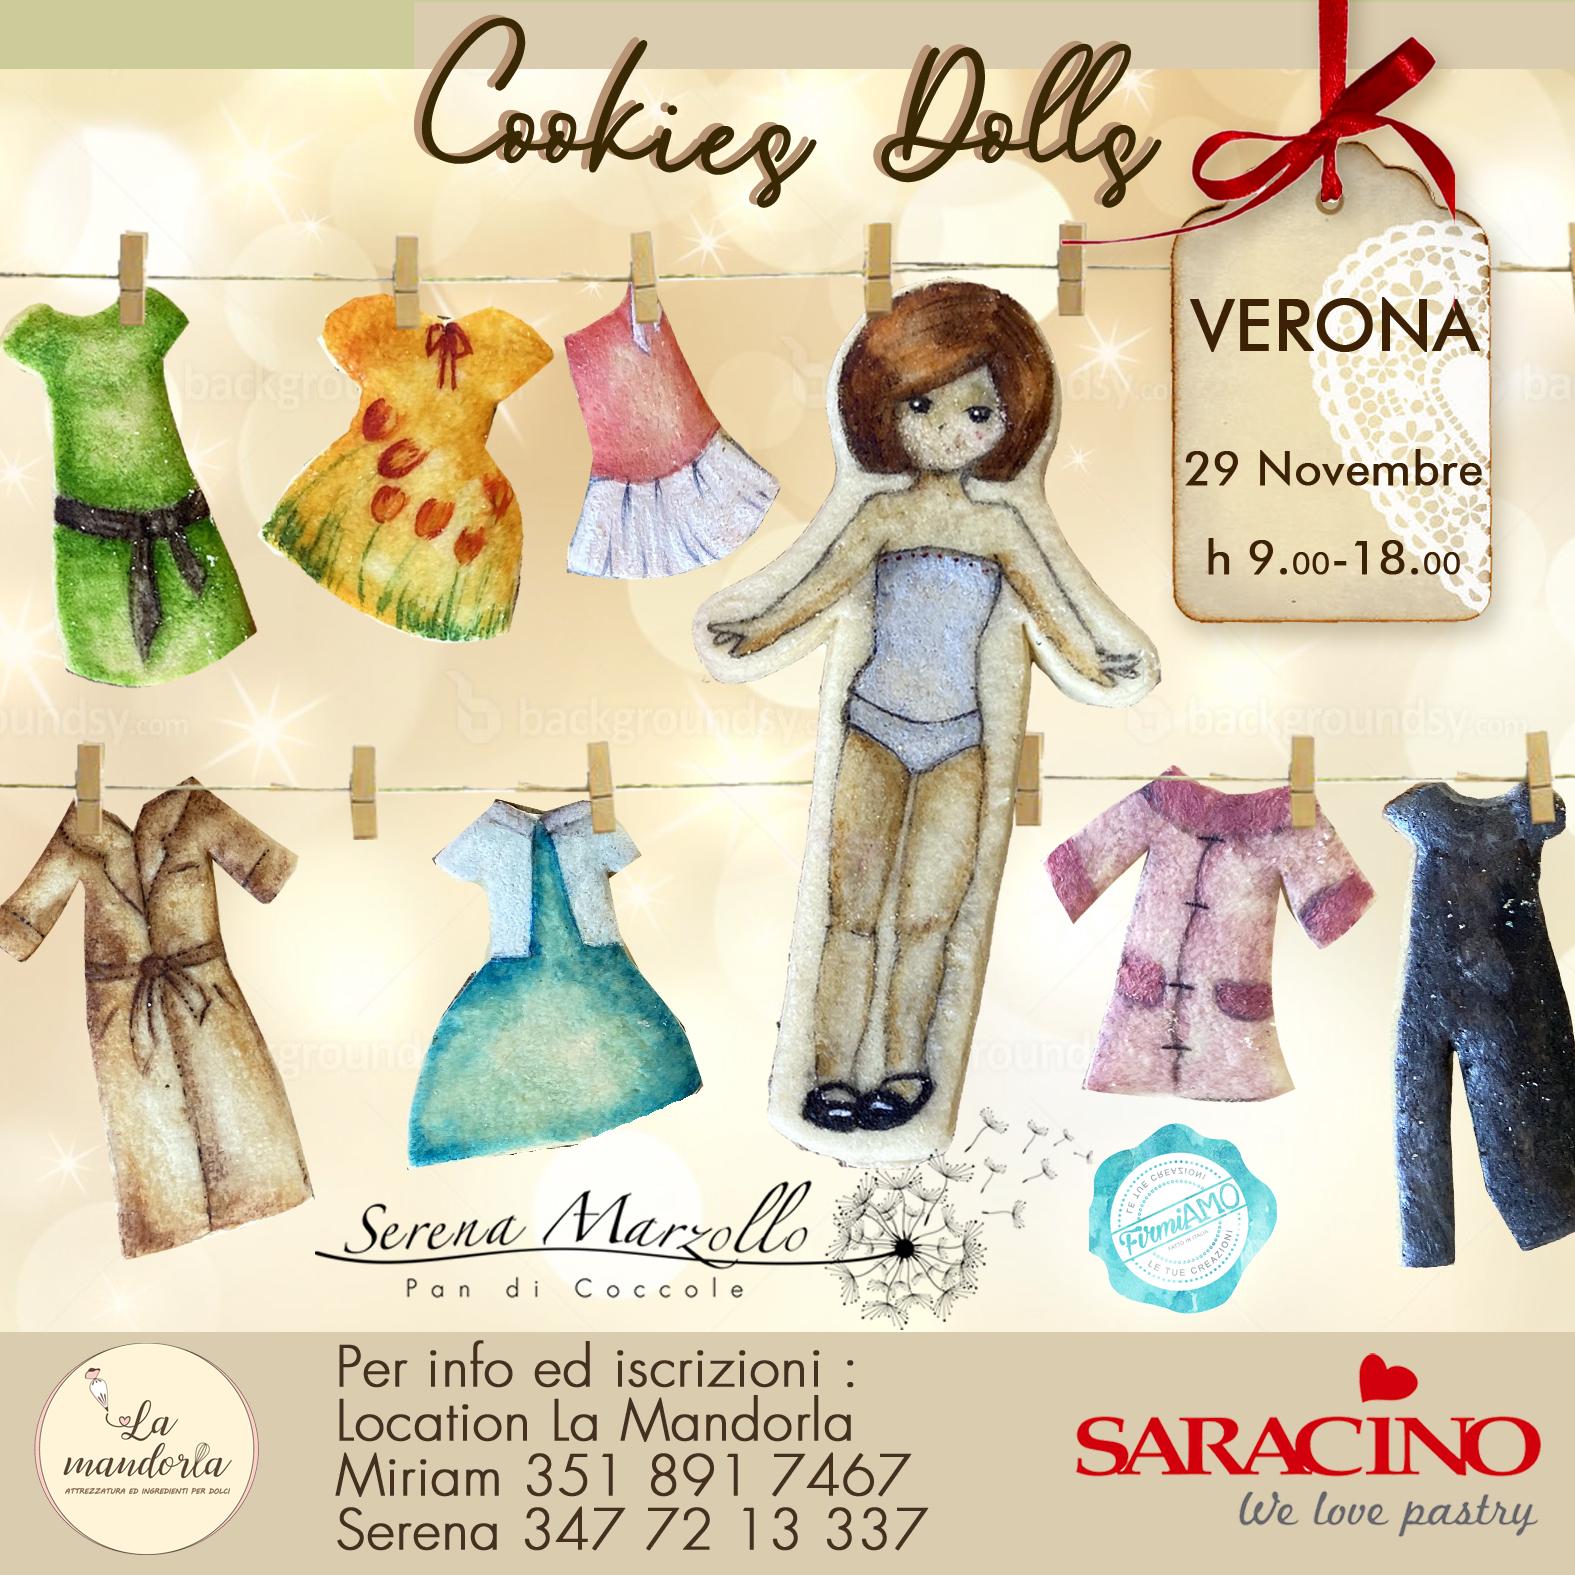 Cookies Dolls – Verona